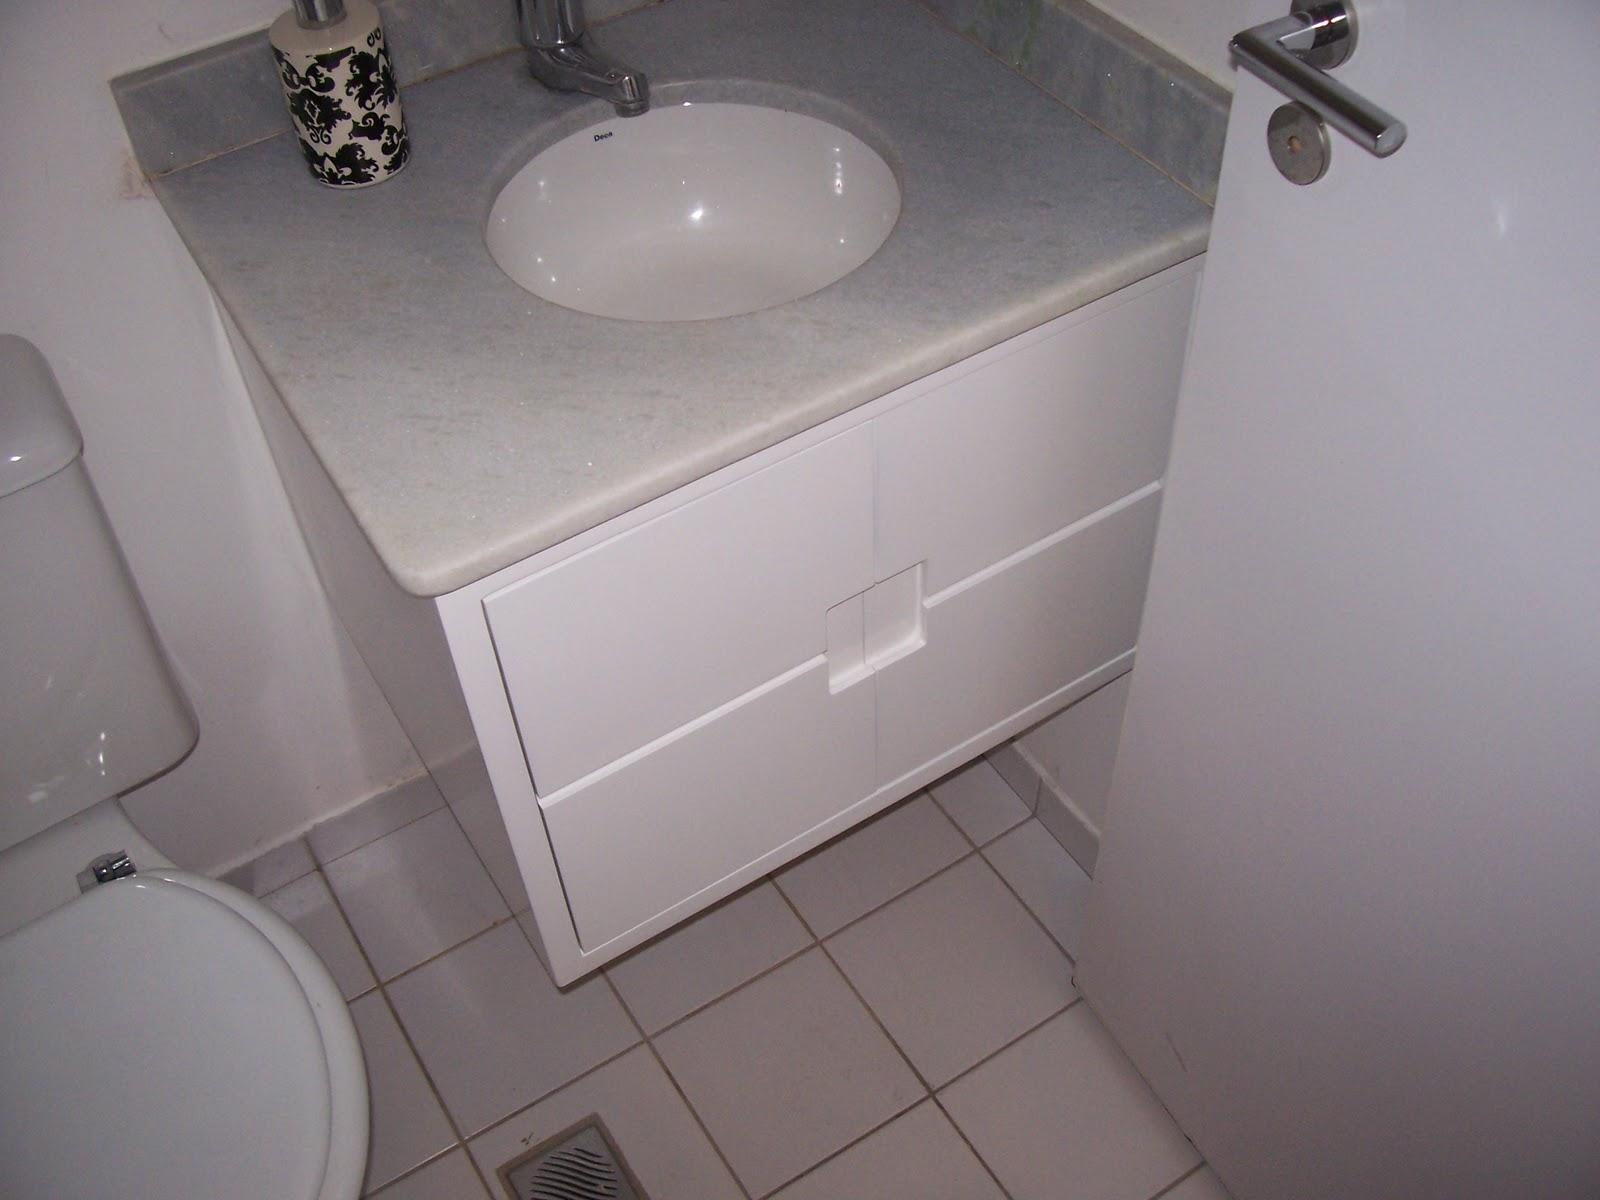 Gabinete em MDF e Laca Branco Fosco #625852 1600x1200 Banheiro Branco Fosco